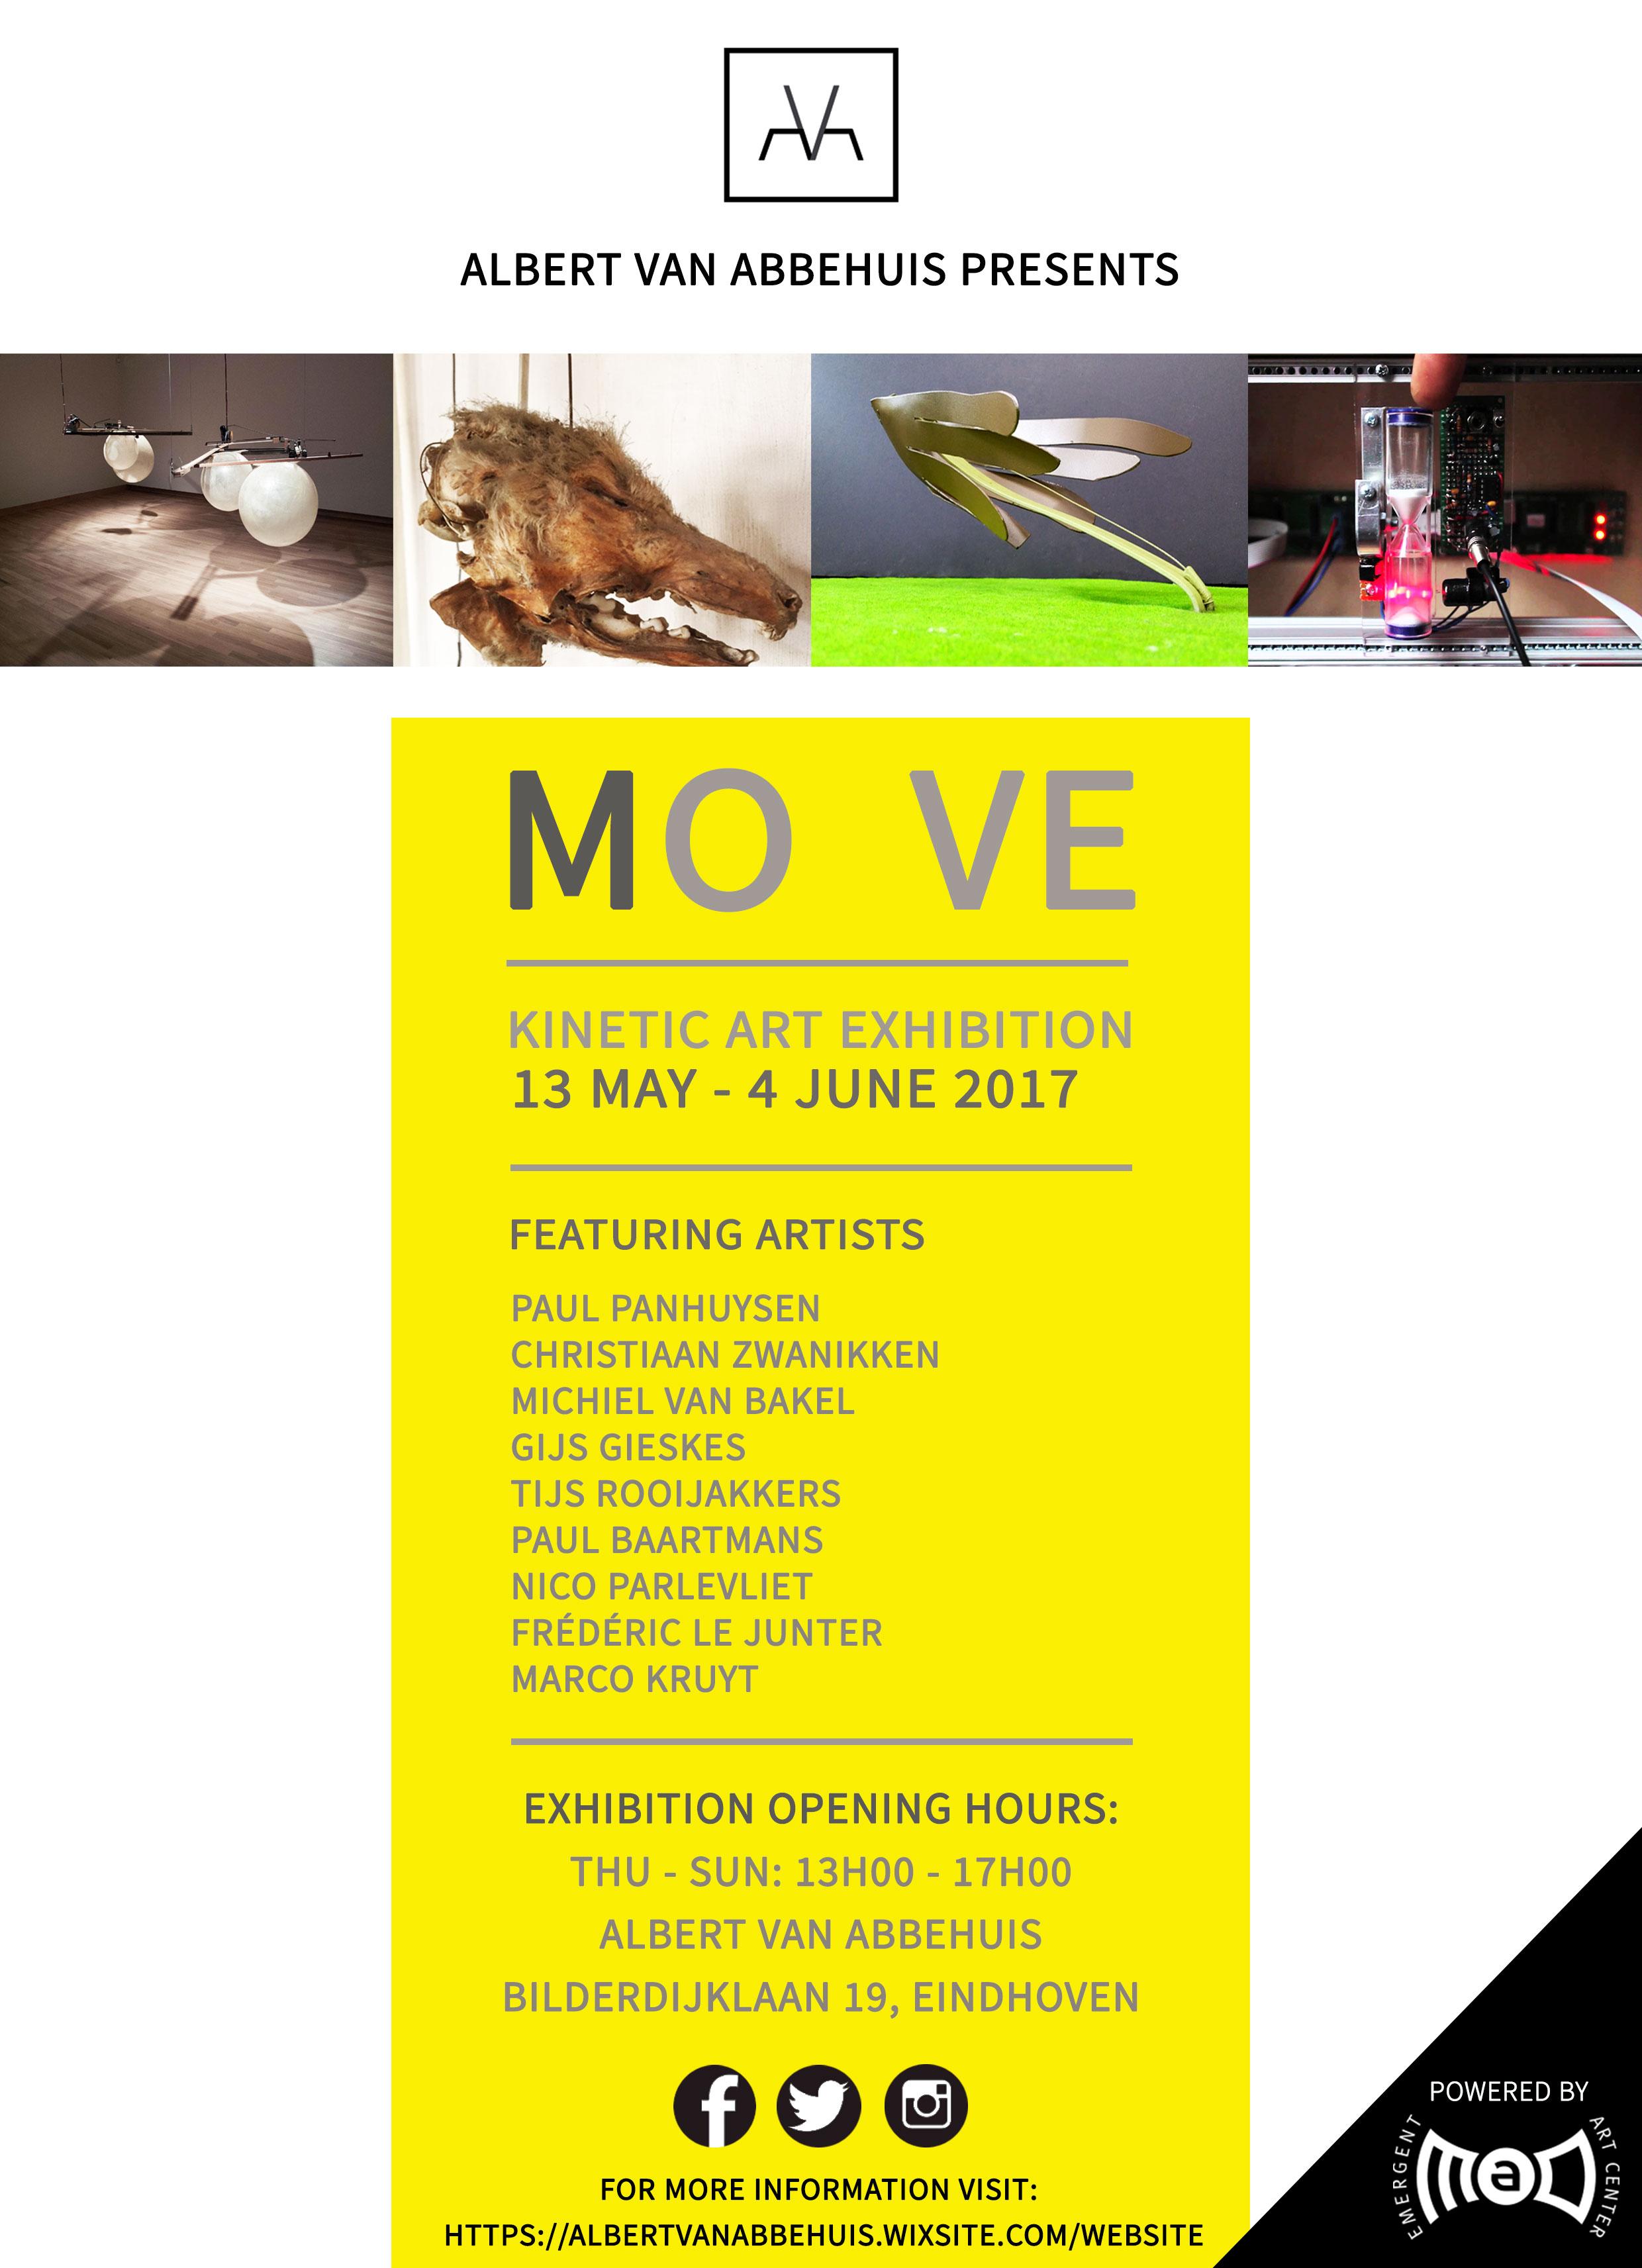 Expositie Kinetische kunst: MOVE, van Abbehuis, Eindhoven